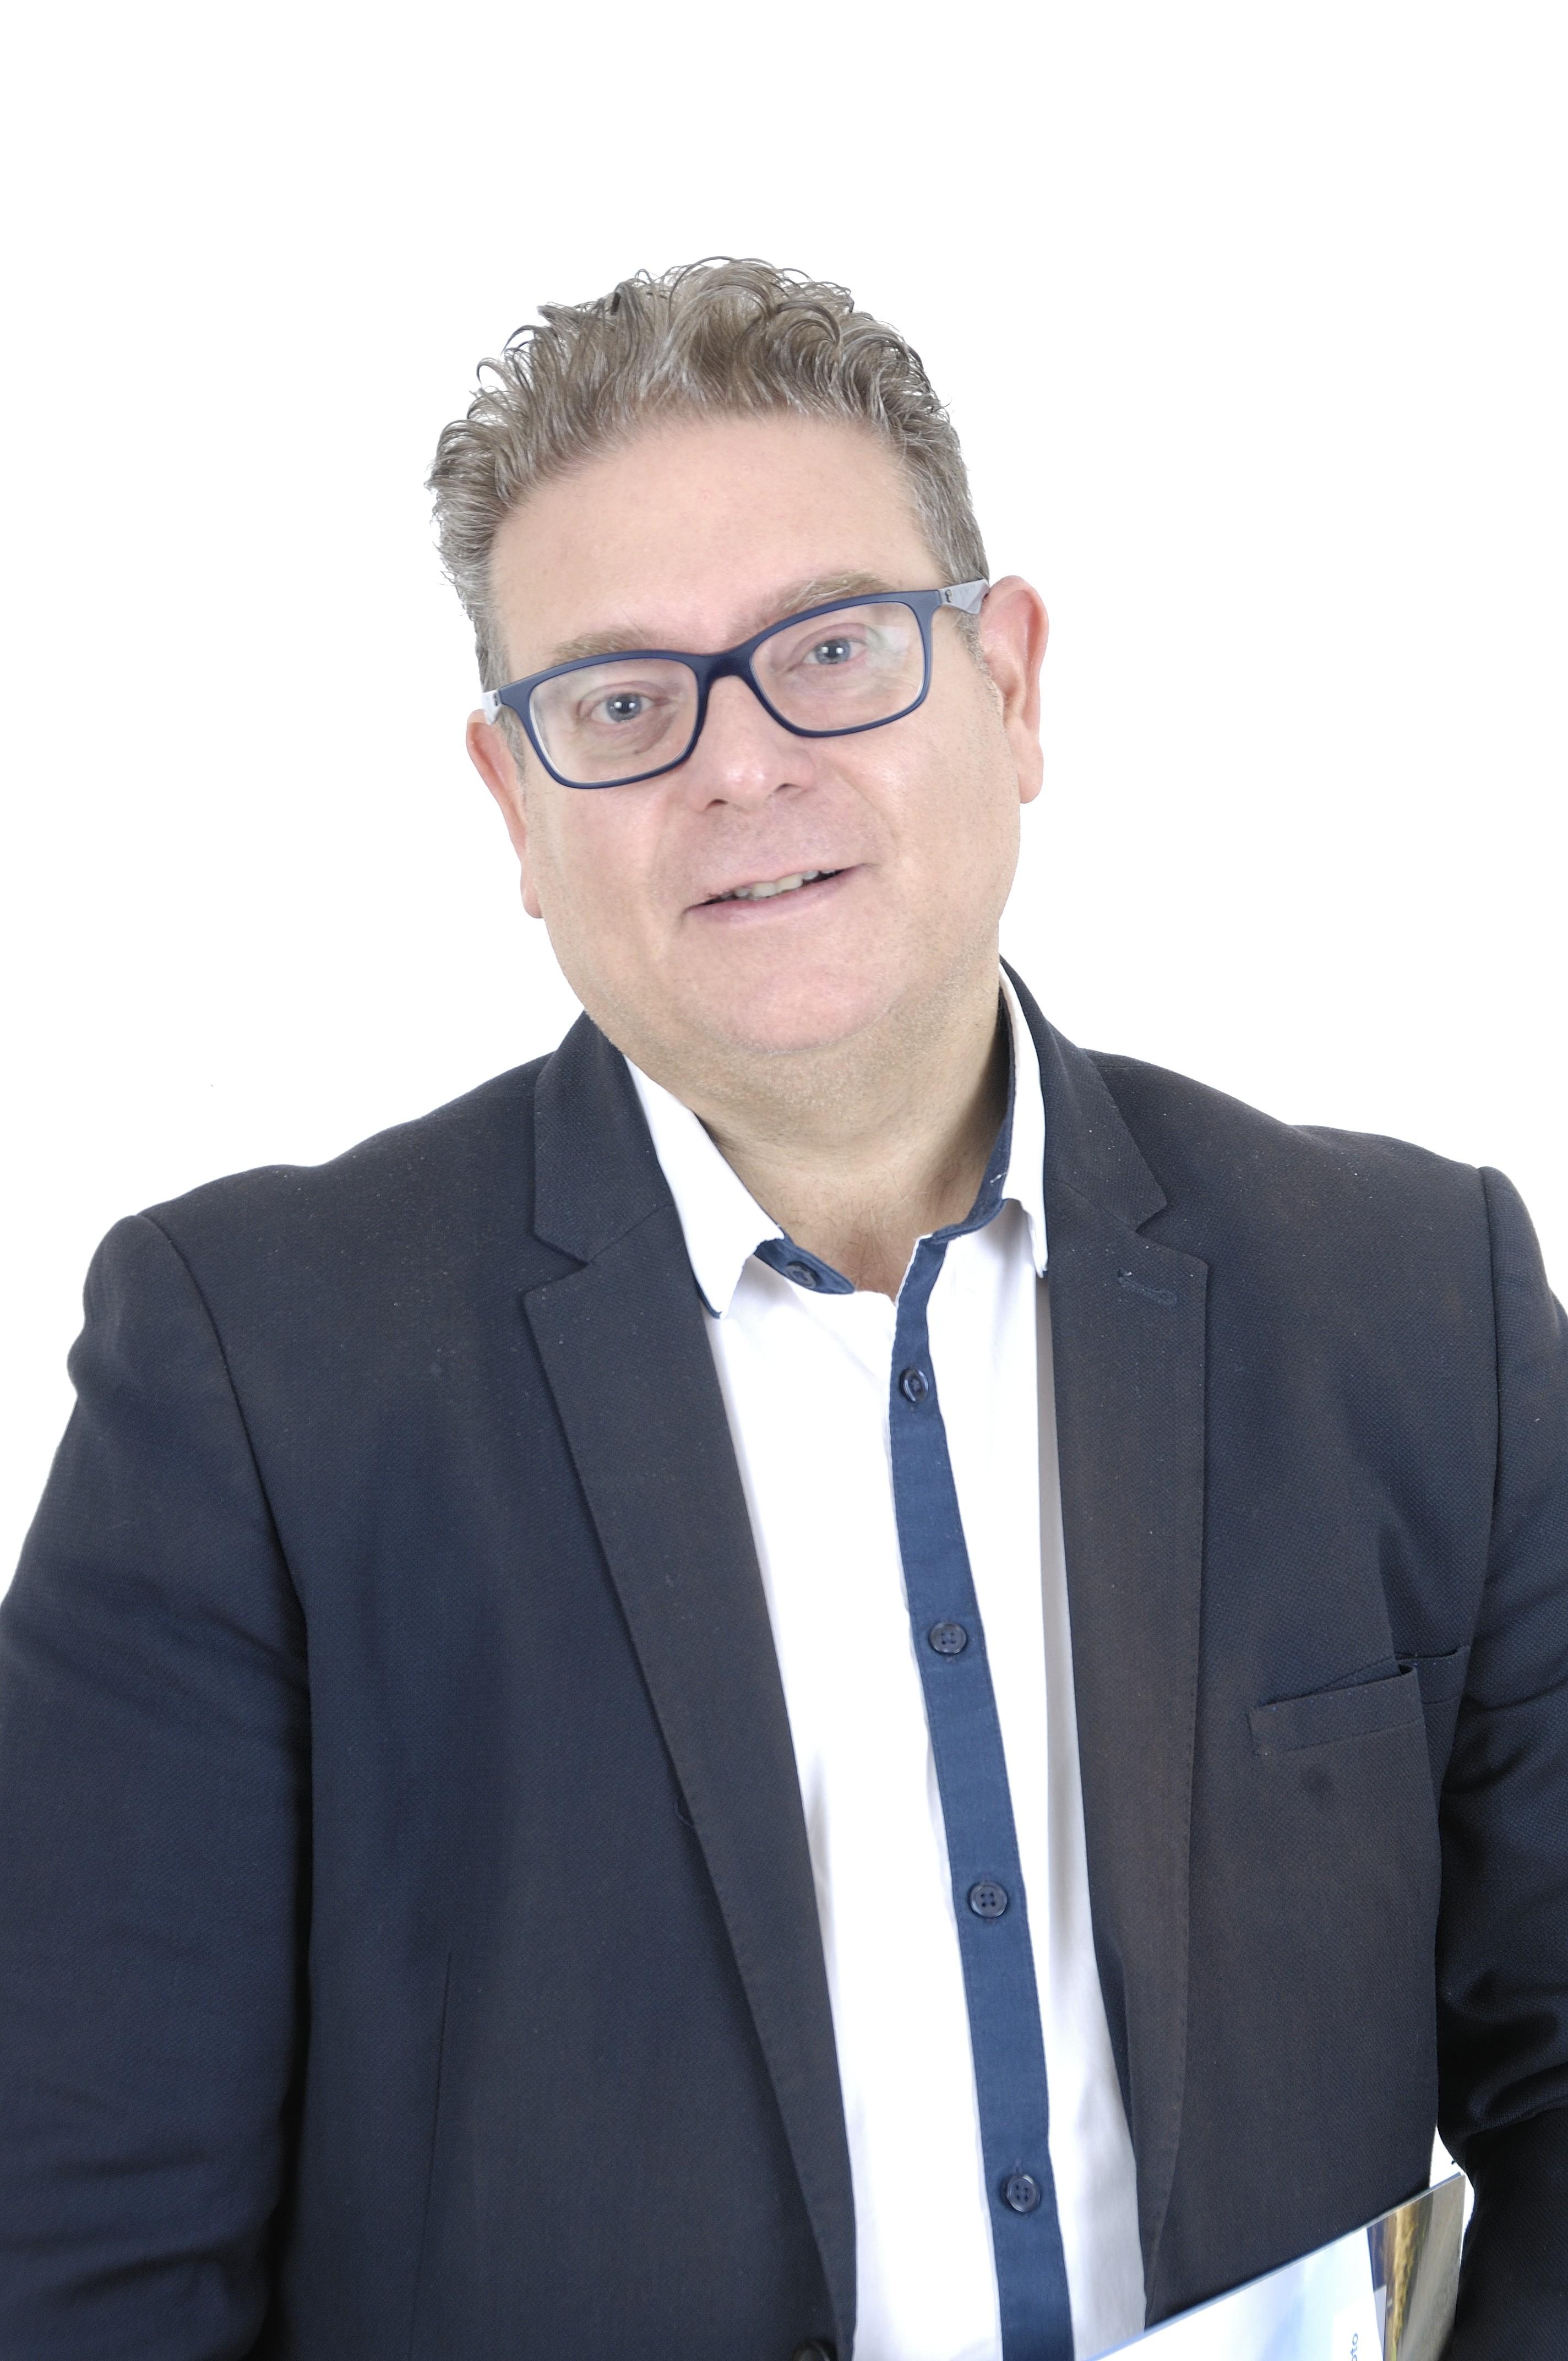 Oscar Calvo Florensa